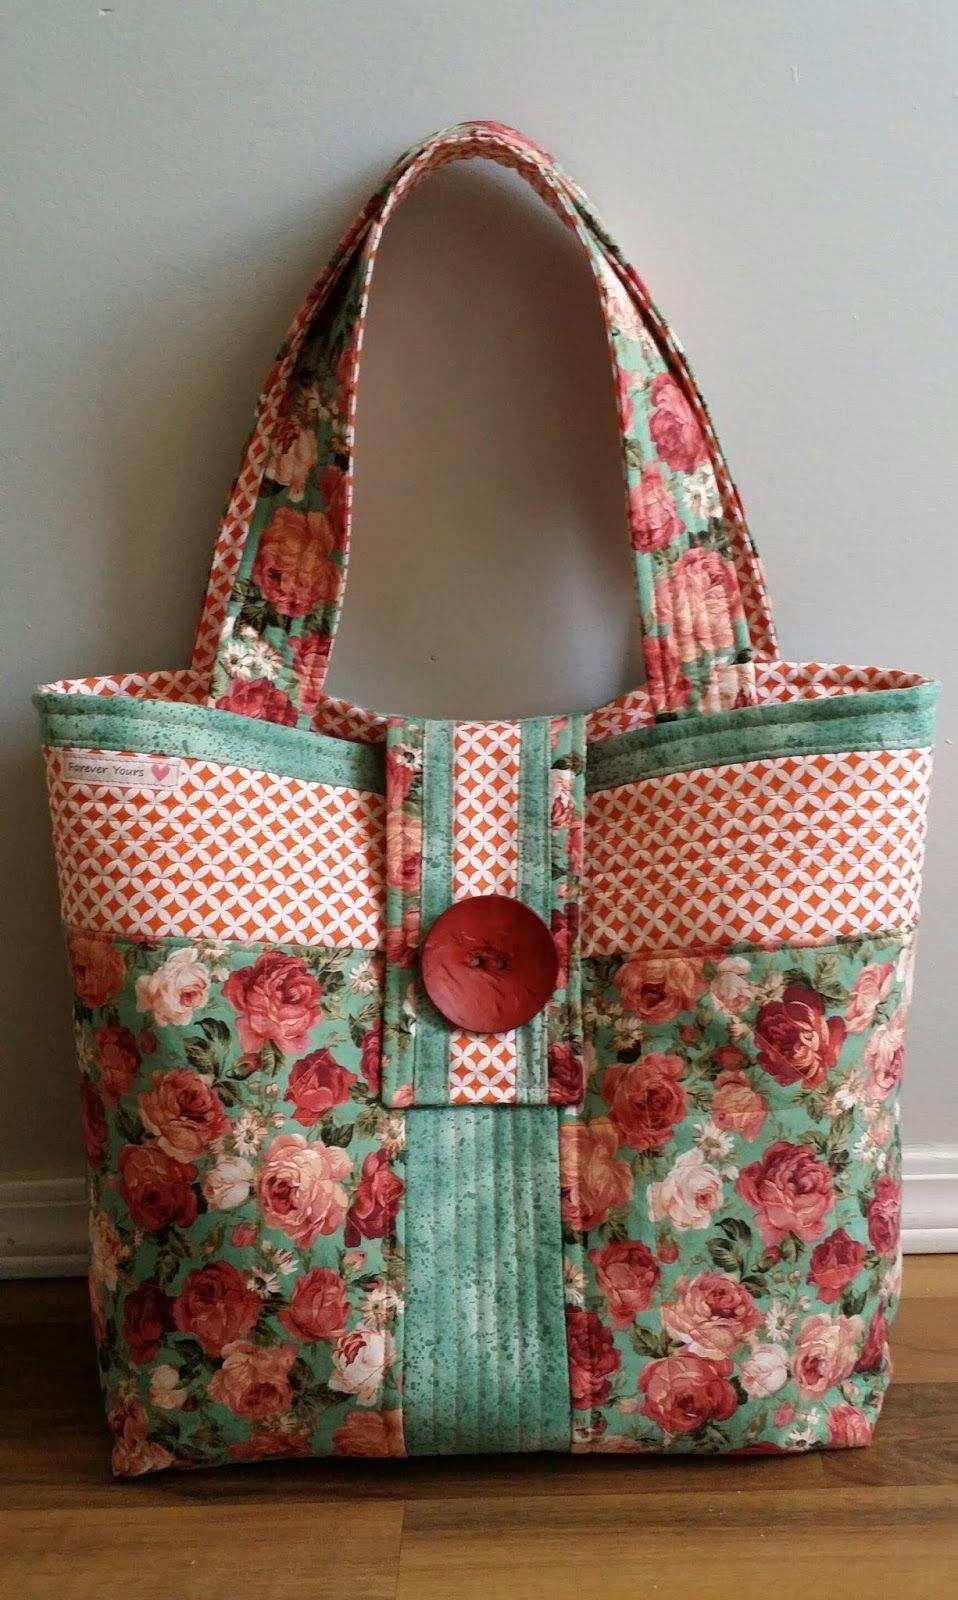 7823162f4 Novice Beginnings: ROSE FABRIC BAG TUTORIAL   Bags   Fabric tote ...